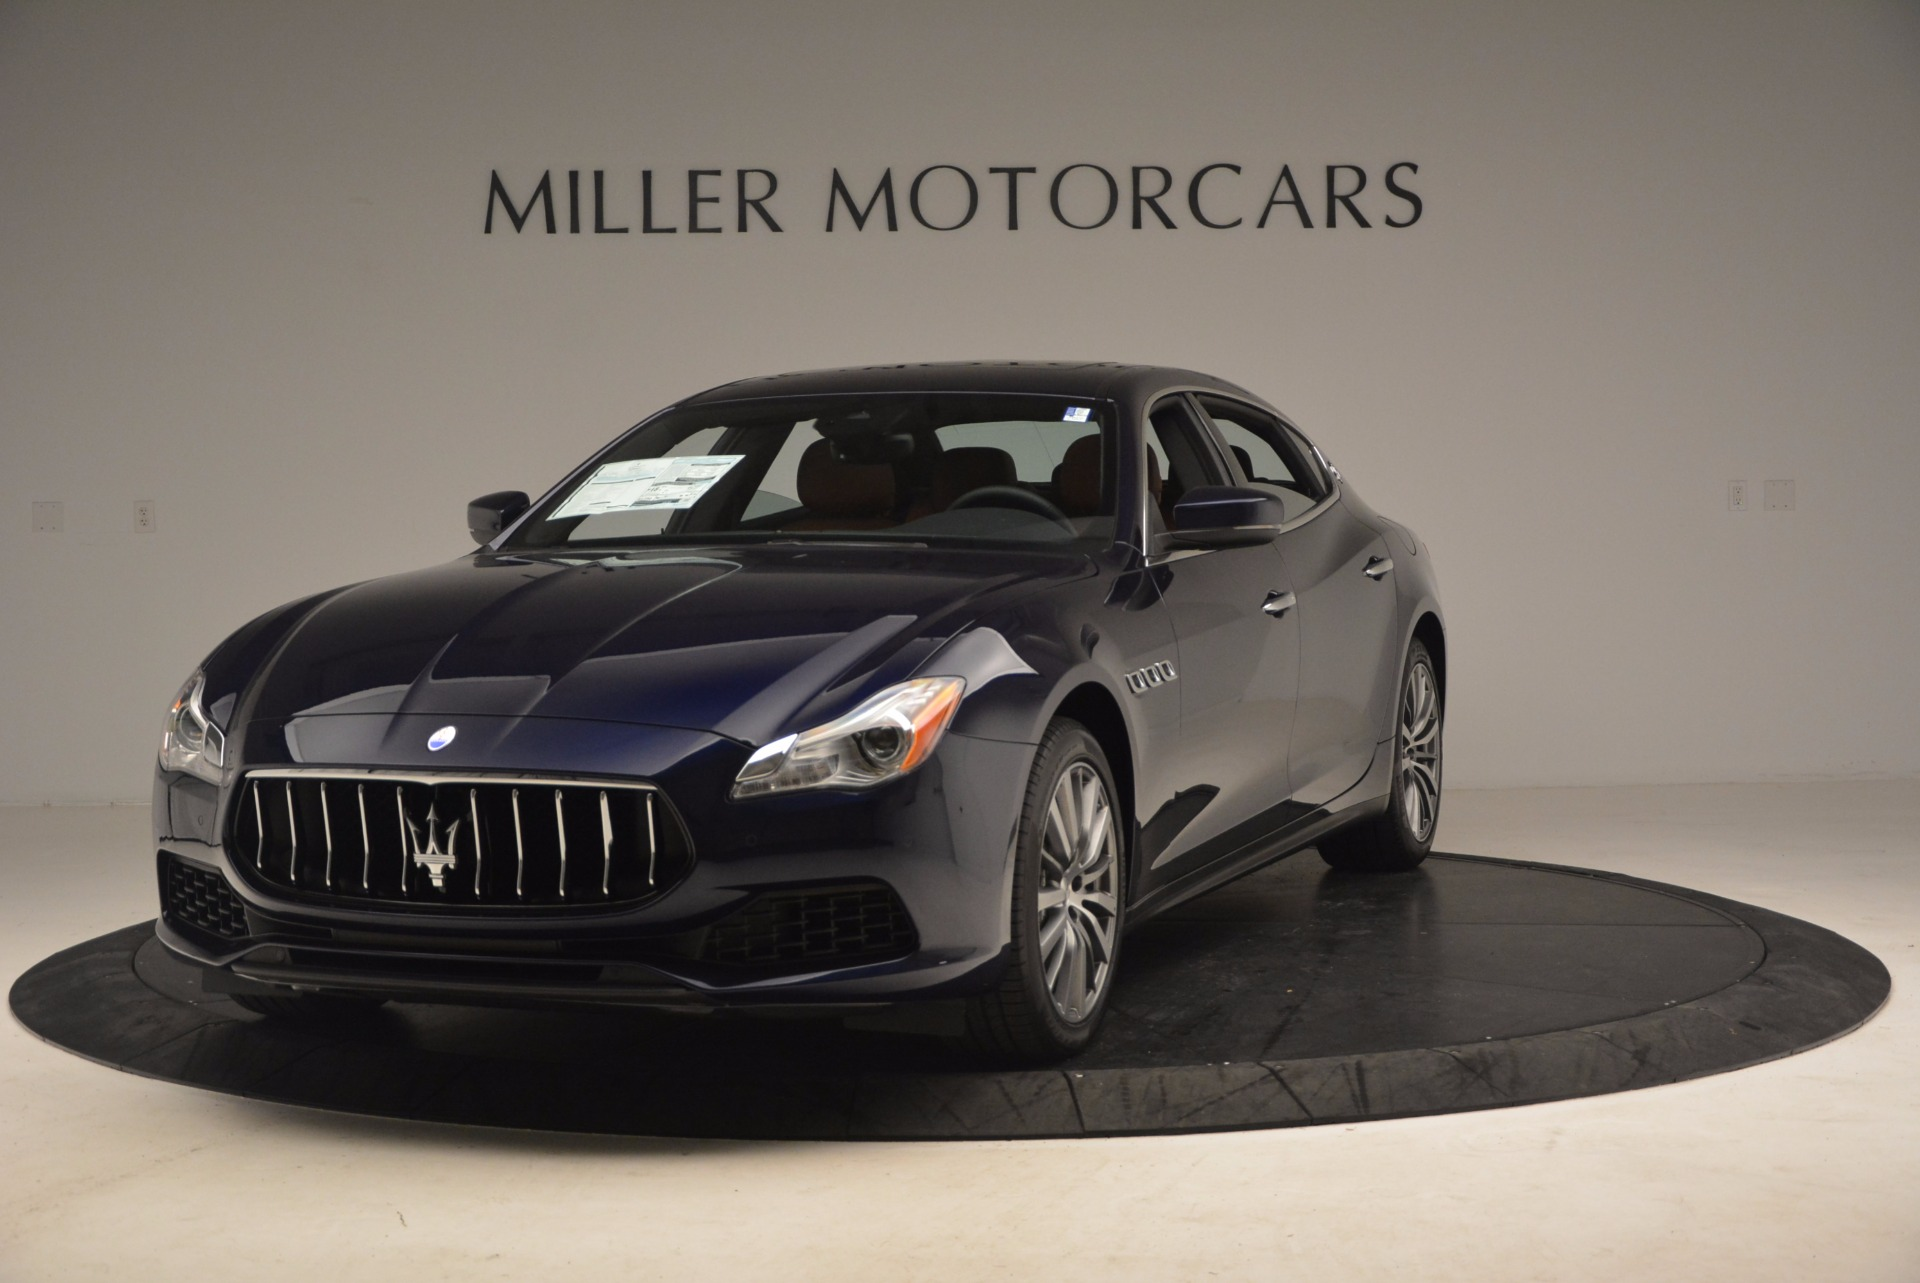 New 2017 Maserati Quattroporte S Q4 For Sale In Greenwich, CT 1067_main